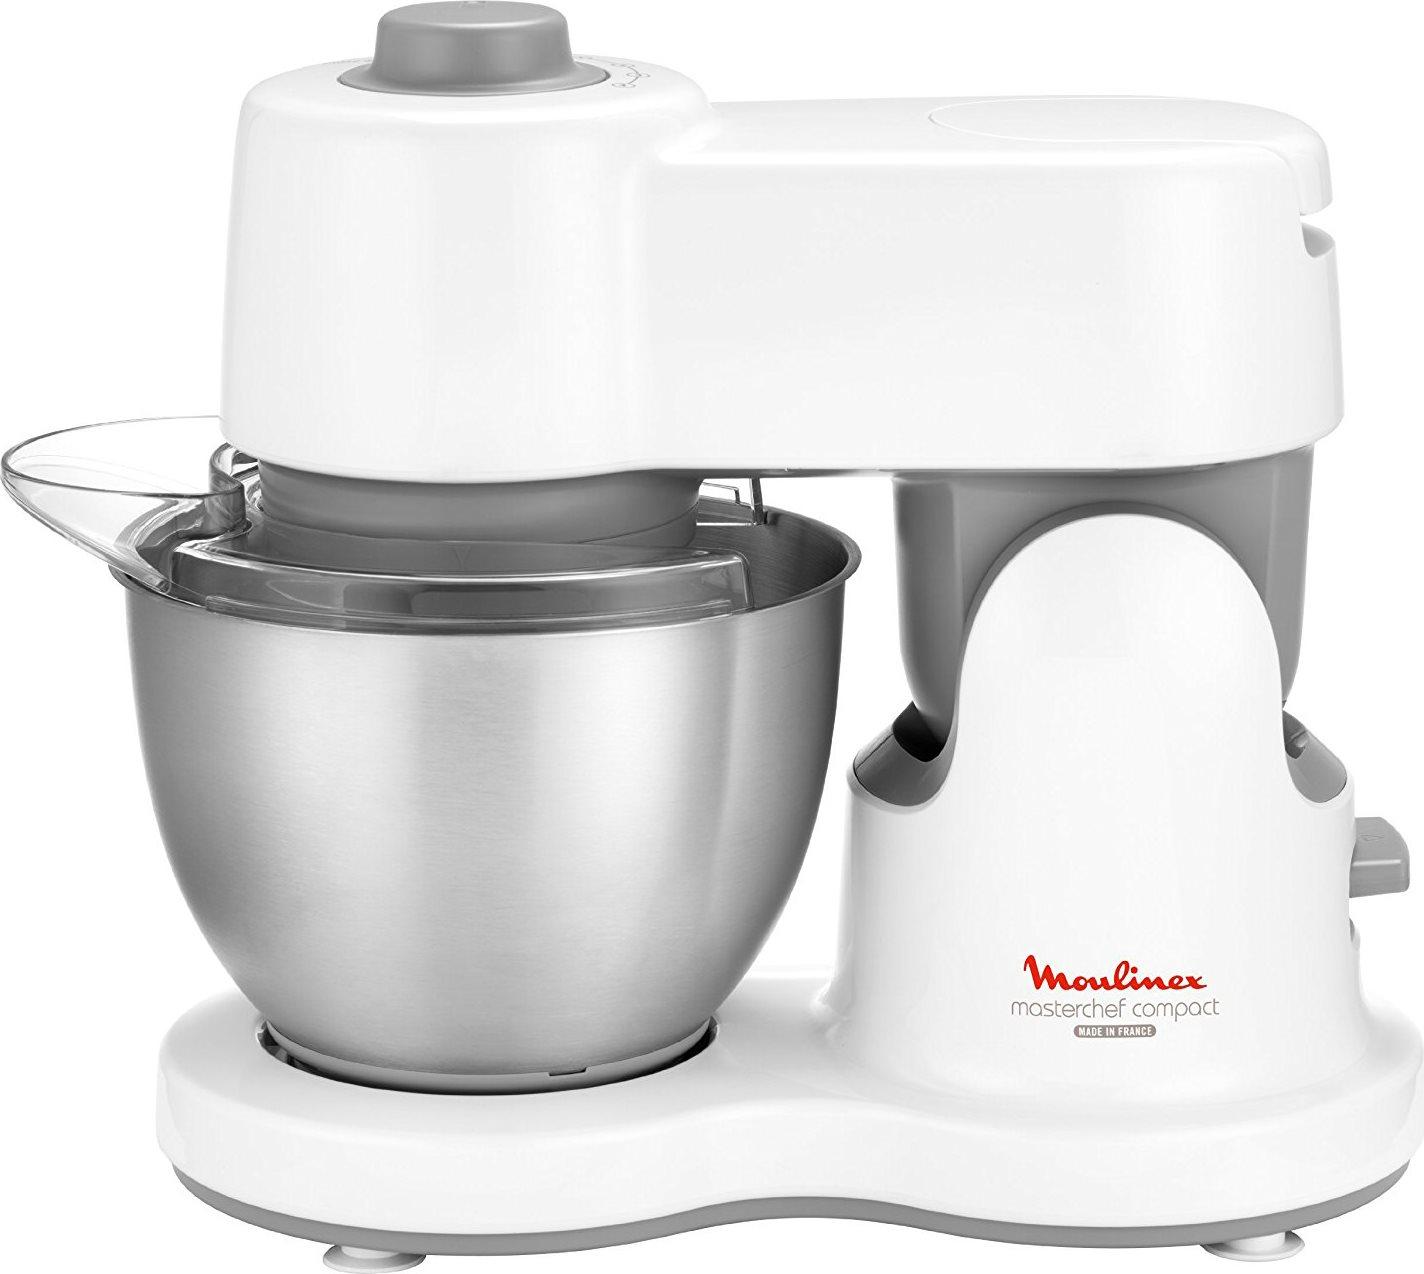 Moulinex robot da cucina capacit 3 5 litri potenza 700 watt colore bianco con frullatore - Masterchef robot da cucina ...